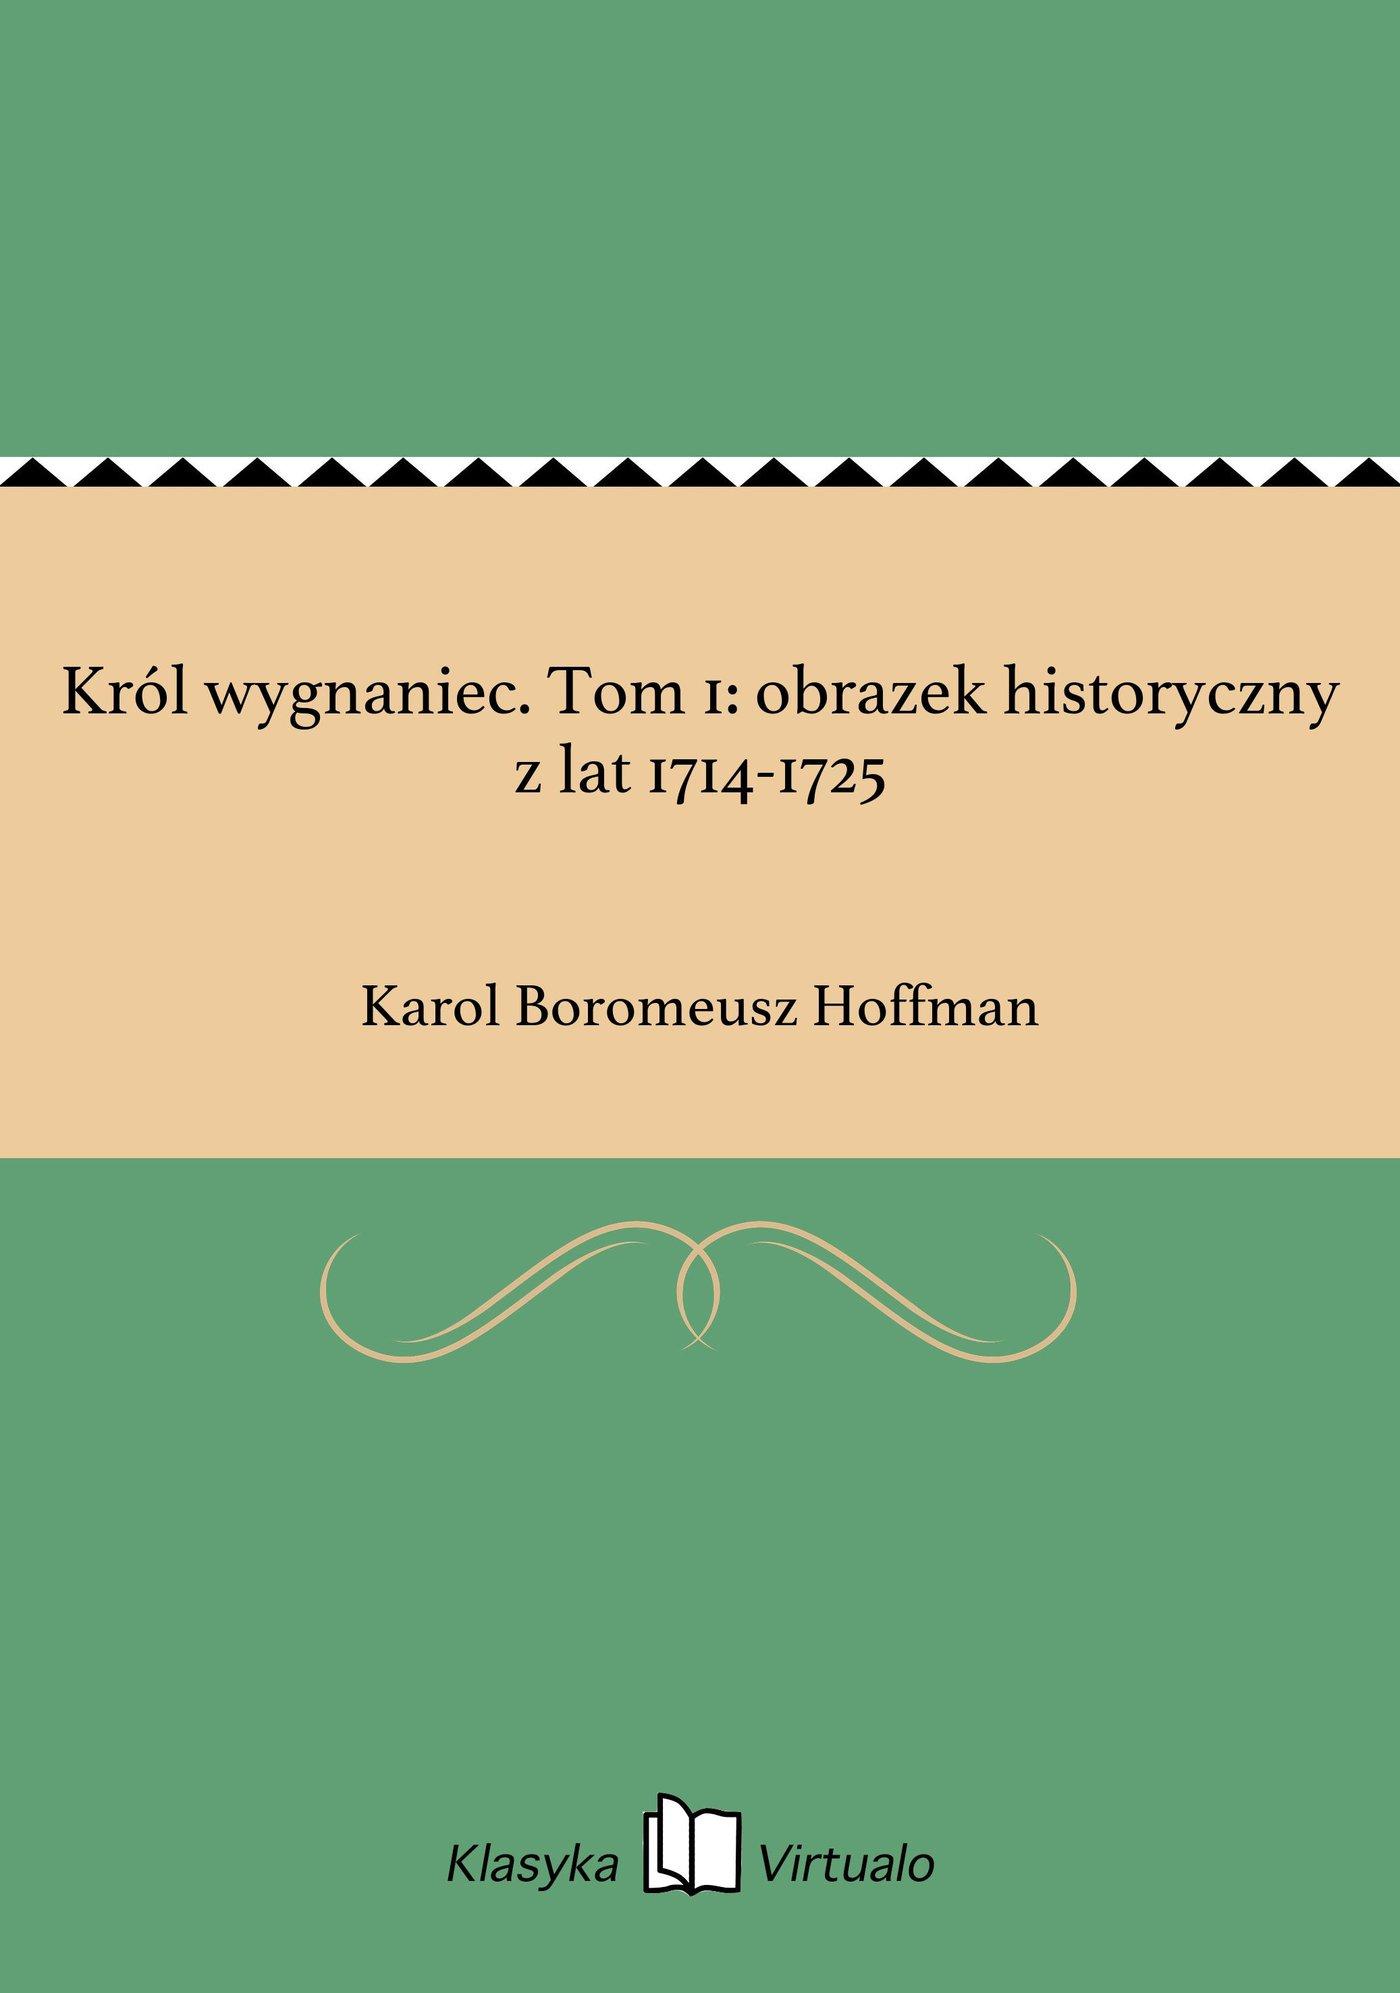 Król wygnaniec. Tom 1: obrazek historyczny z lat 1714-1725 - Ebook (Książka na Kindle) do pobrania w formacie MOBI